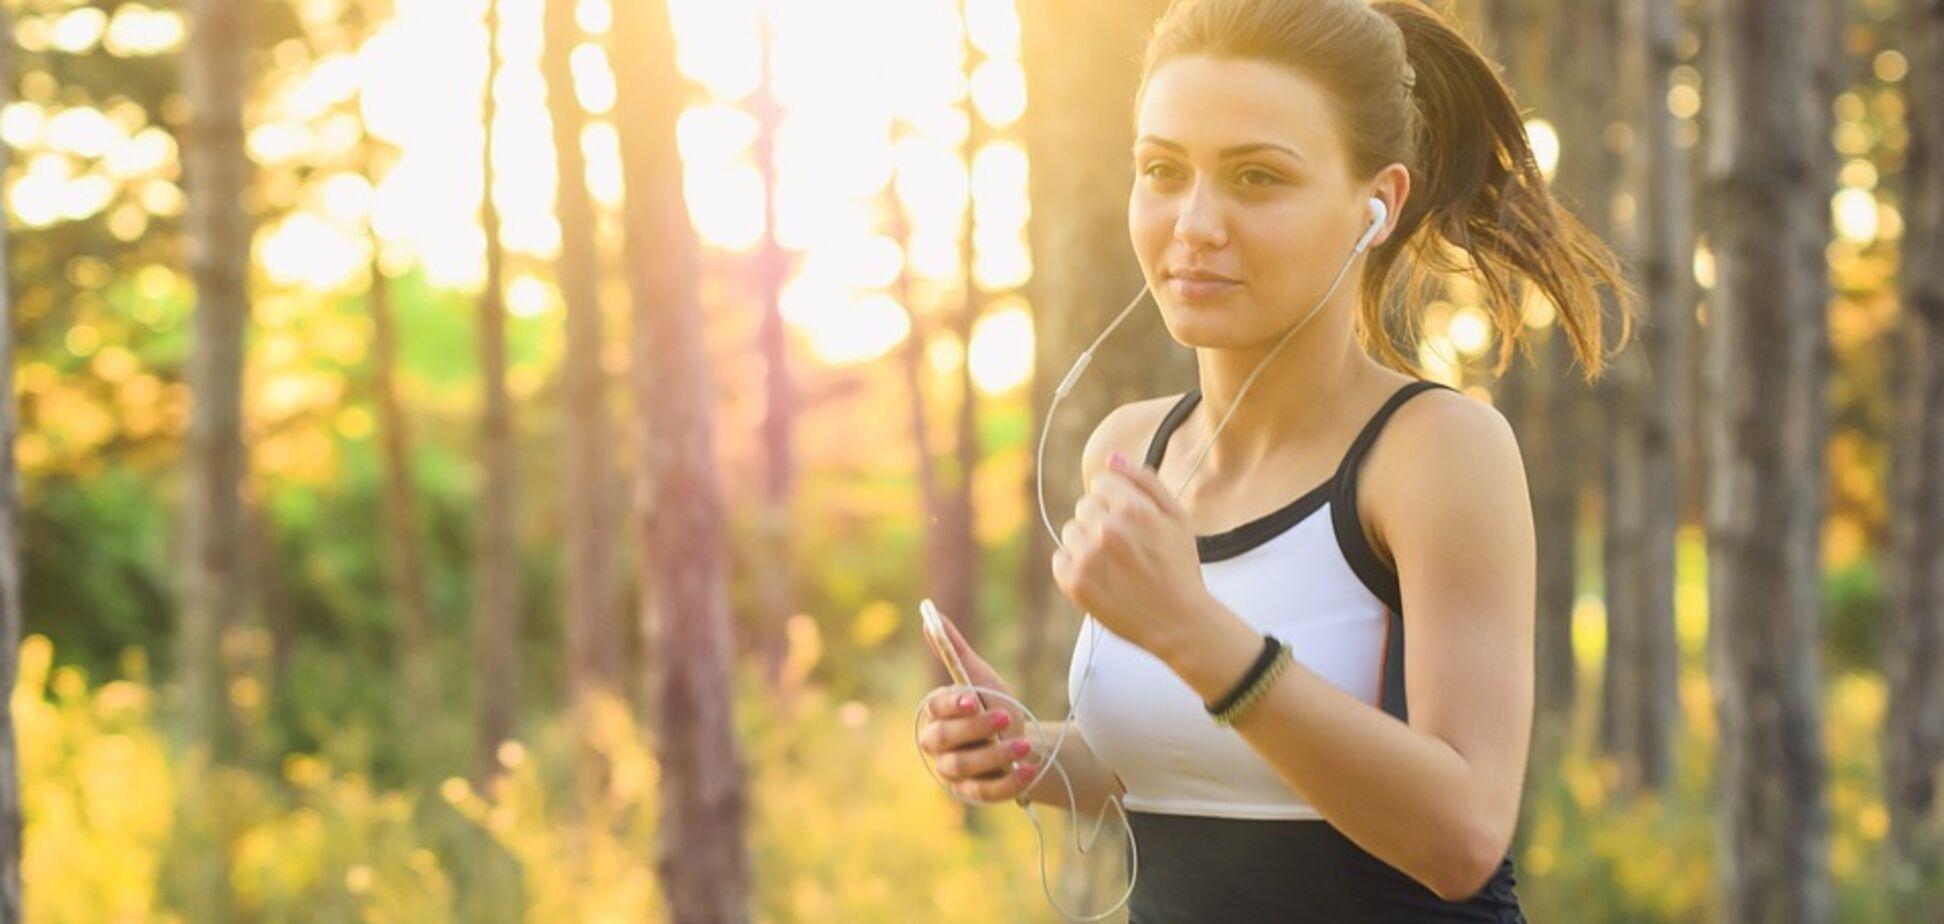 Як спалити жир: дієтолог розвінчала головні міфи про схуднення